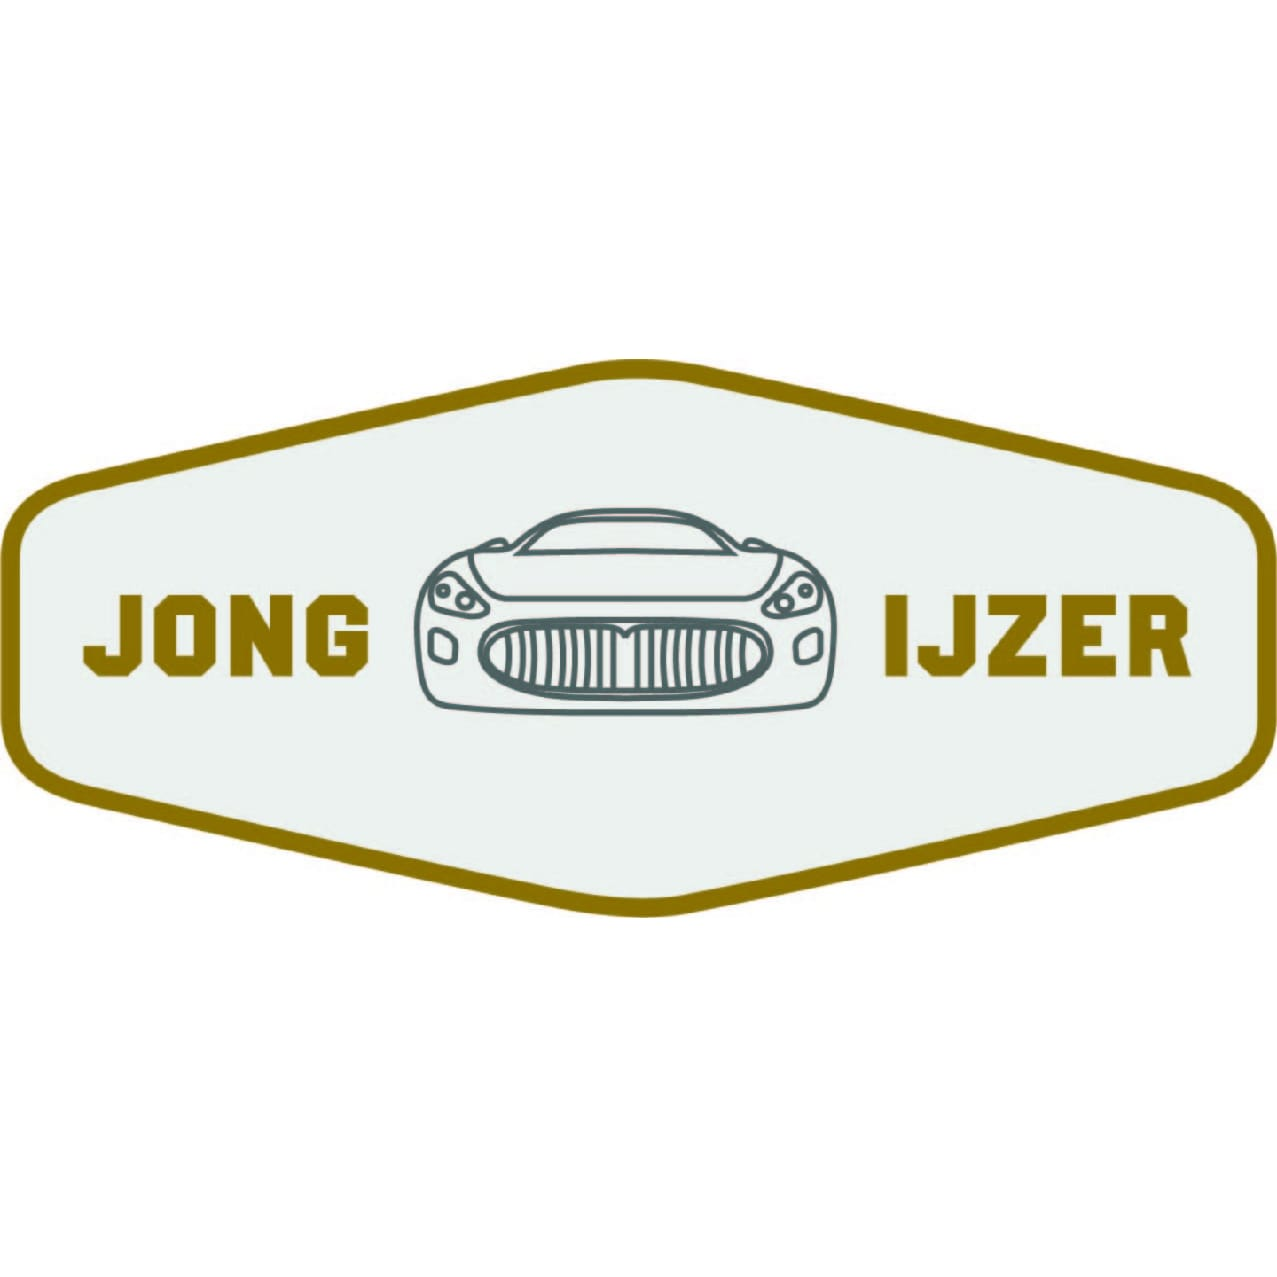 Autobedrijf Jong ijzer